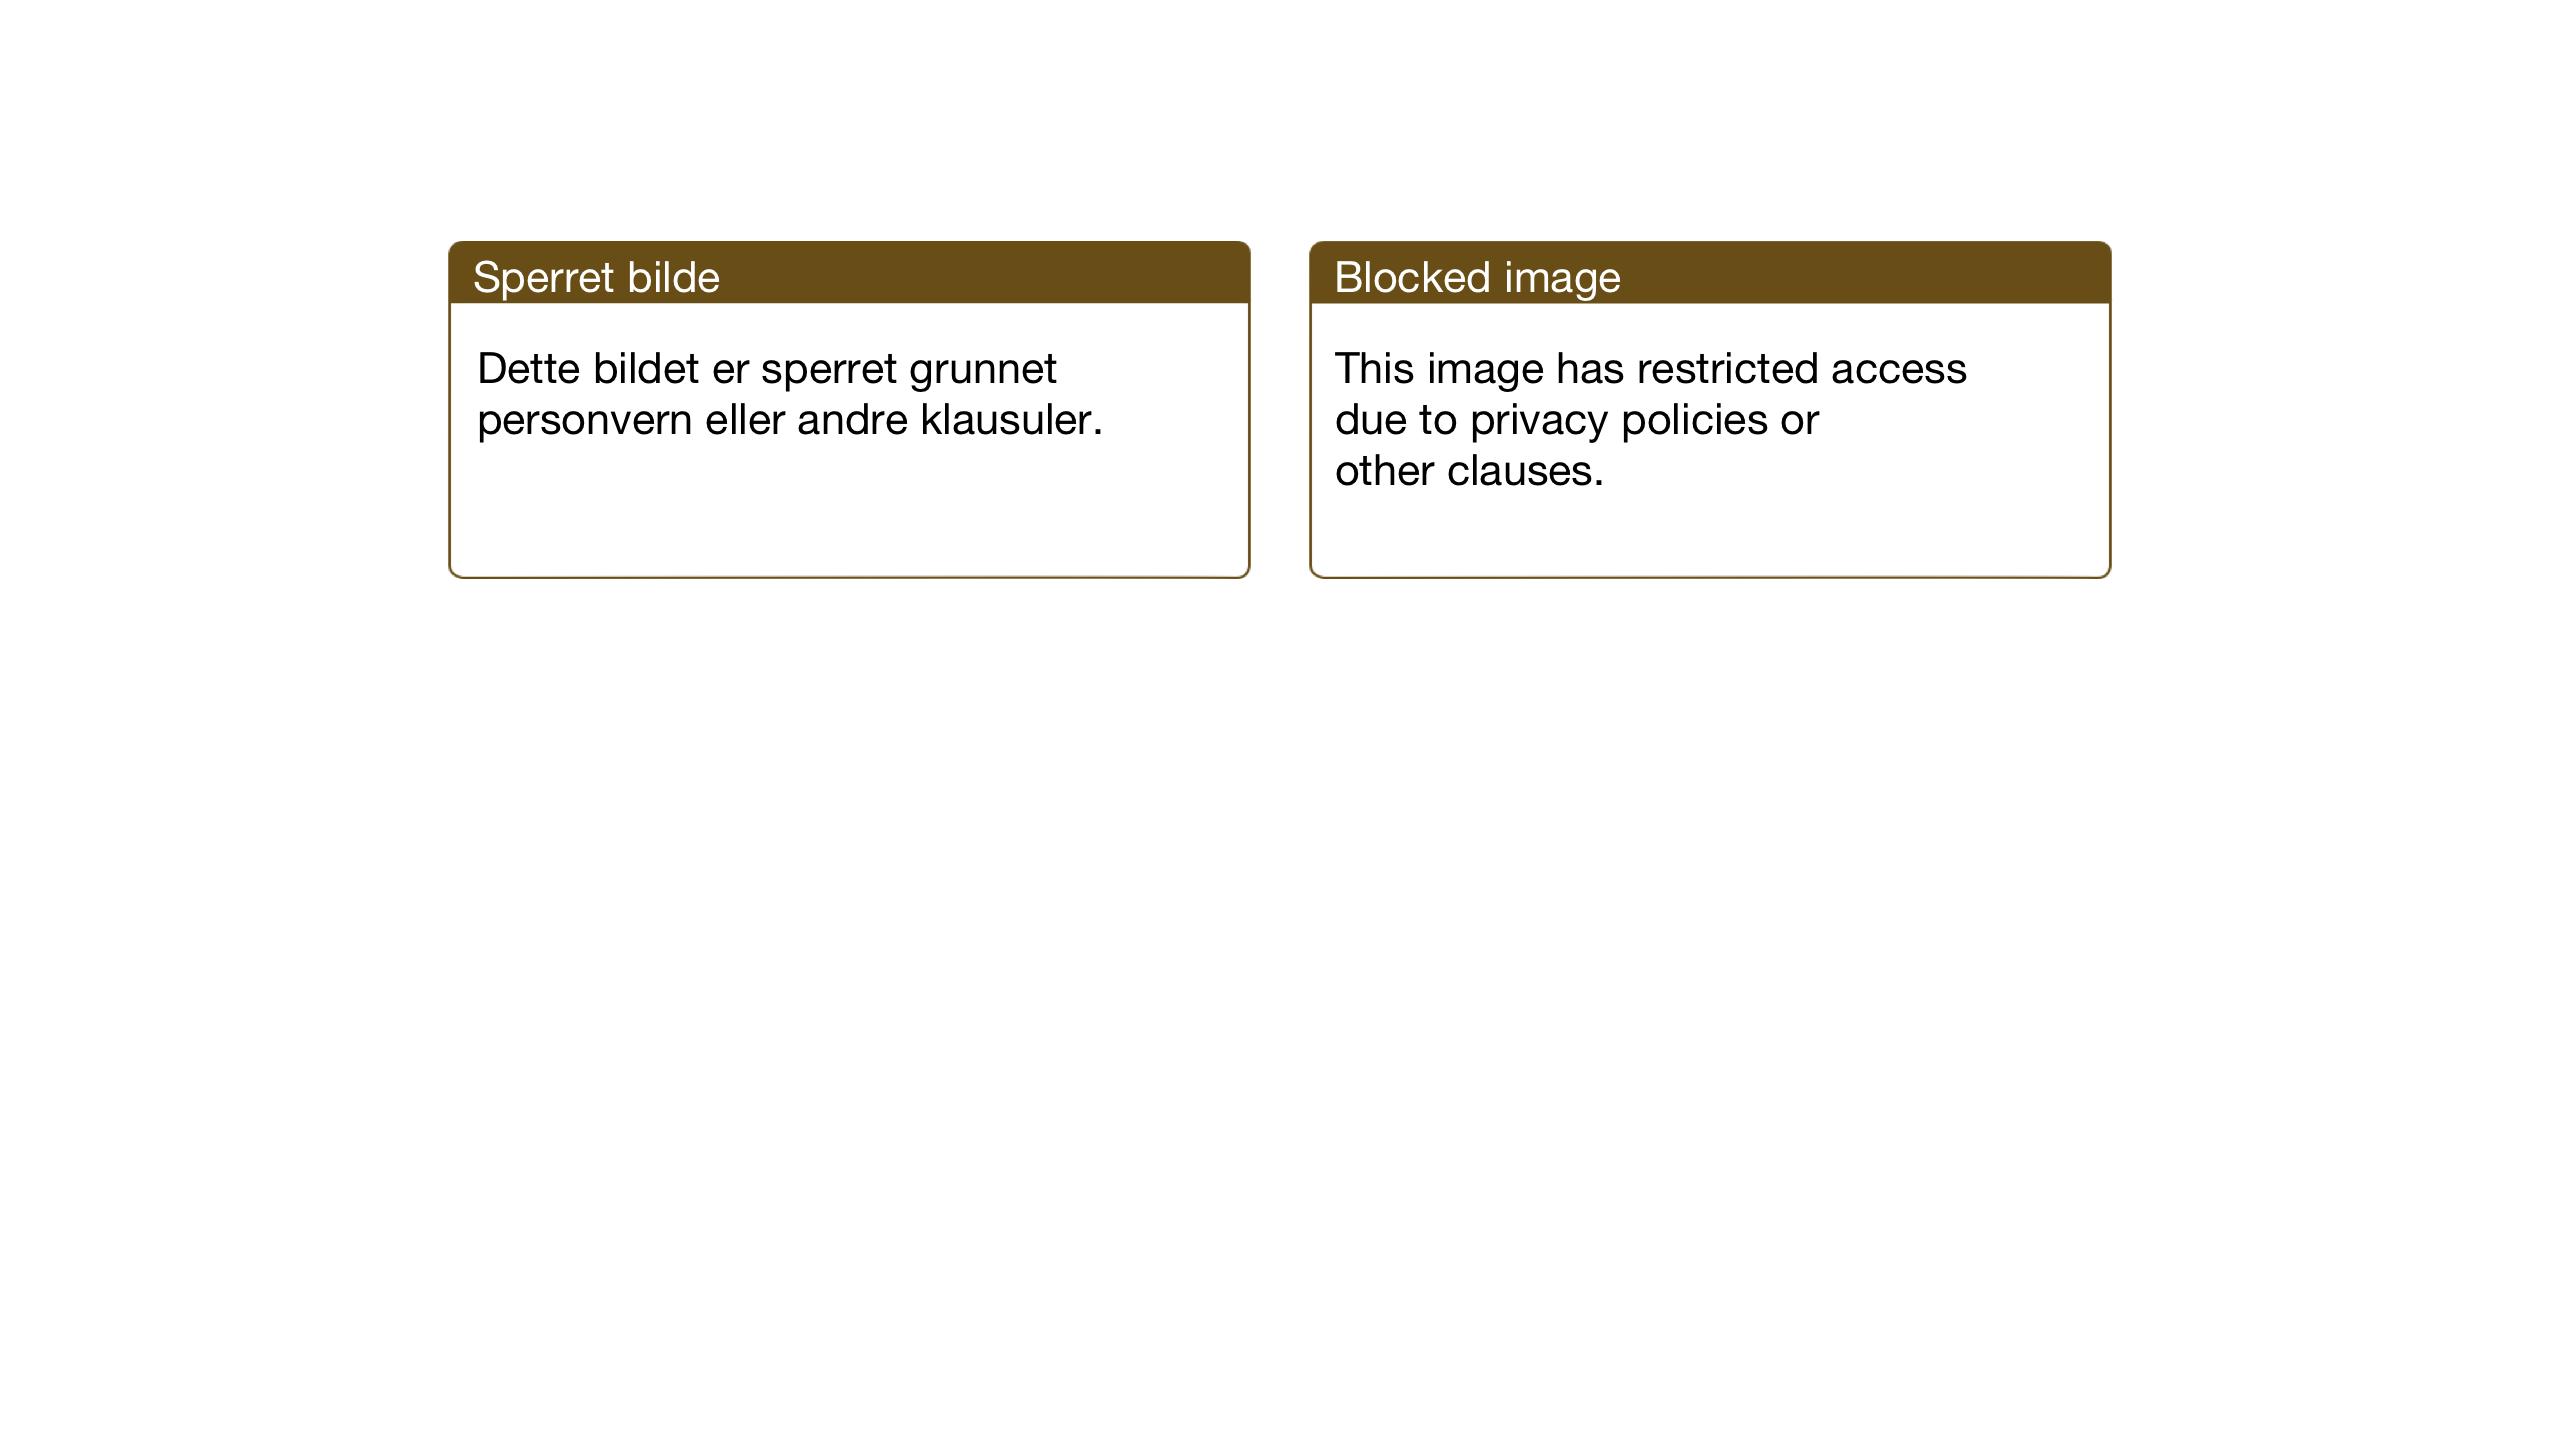 SAT, Ministerialprotokoller, klokkerbøker og fødselsregistre - Sør-Trøndelag, 675/L0888: Klokkerbok nr. 675C01, 1913-1935, s. 71